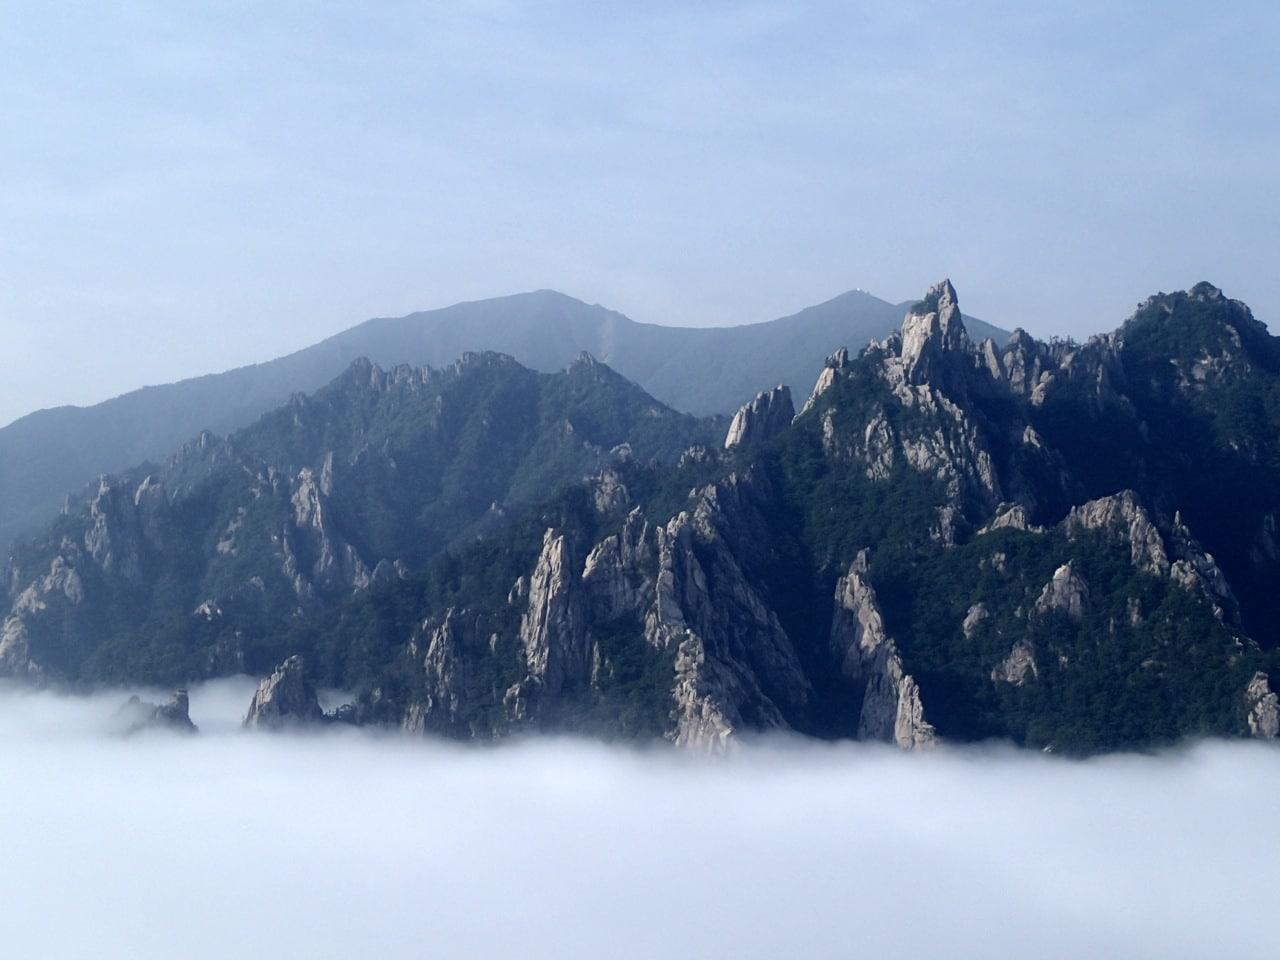 Gongnyong Ridge